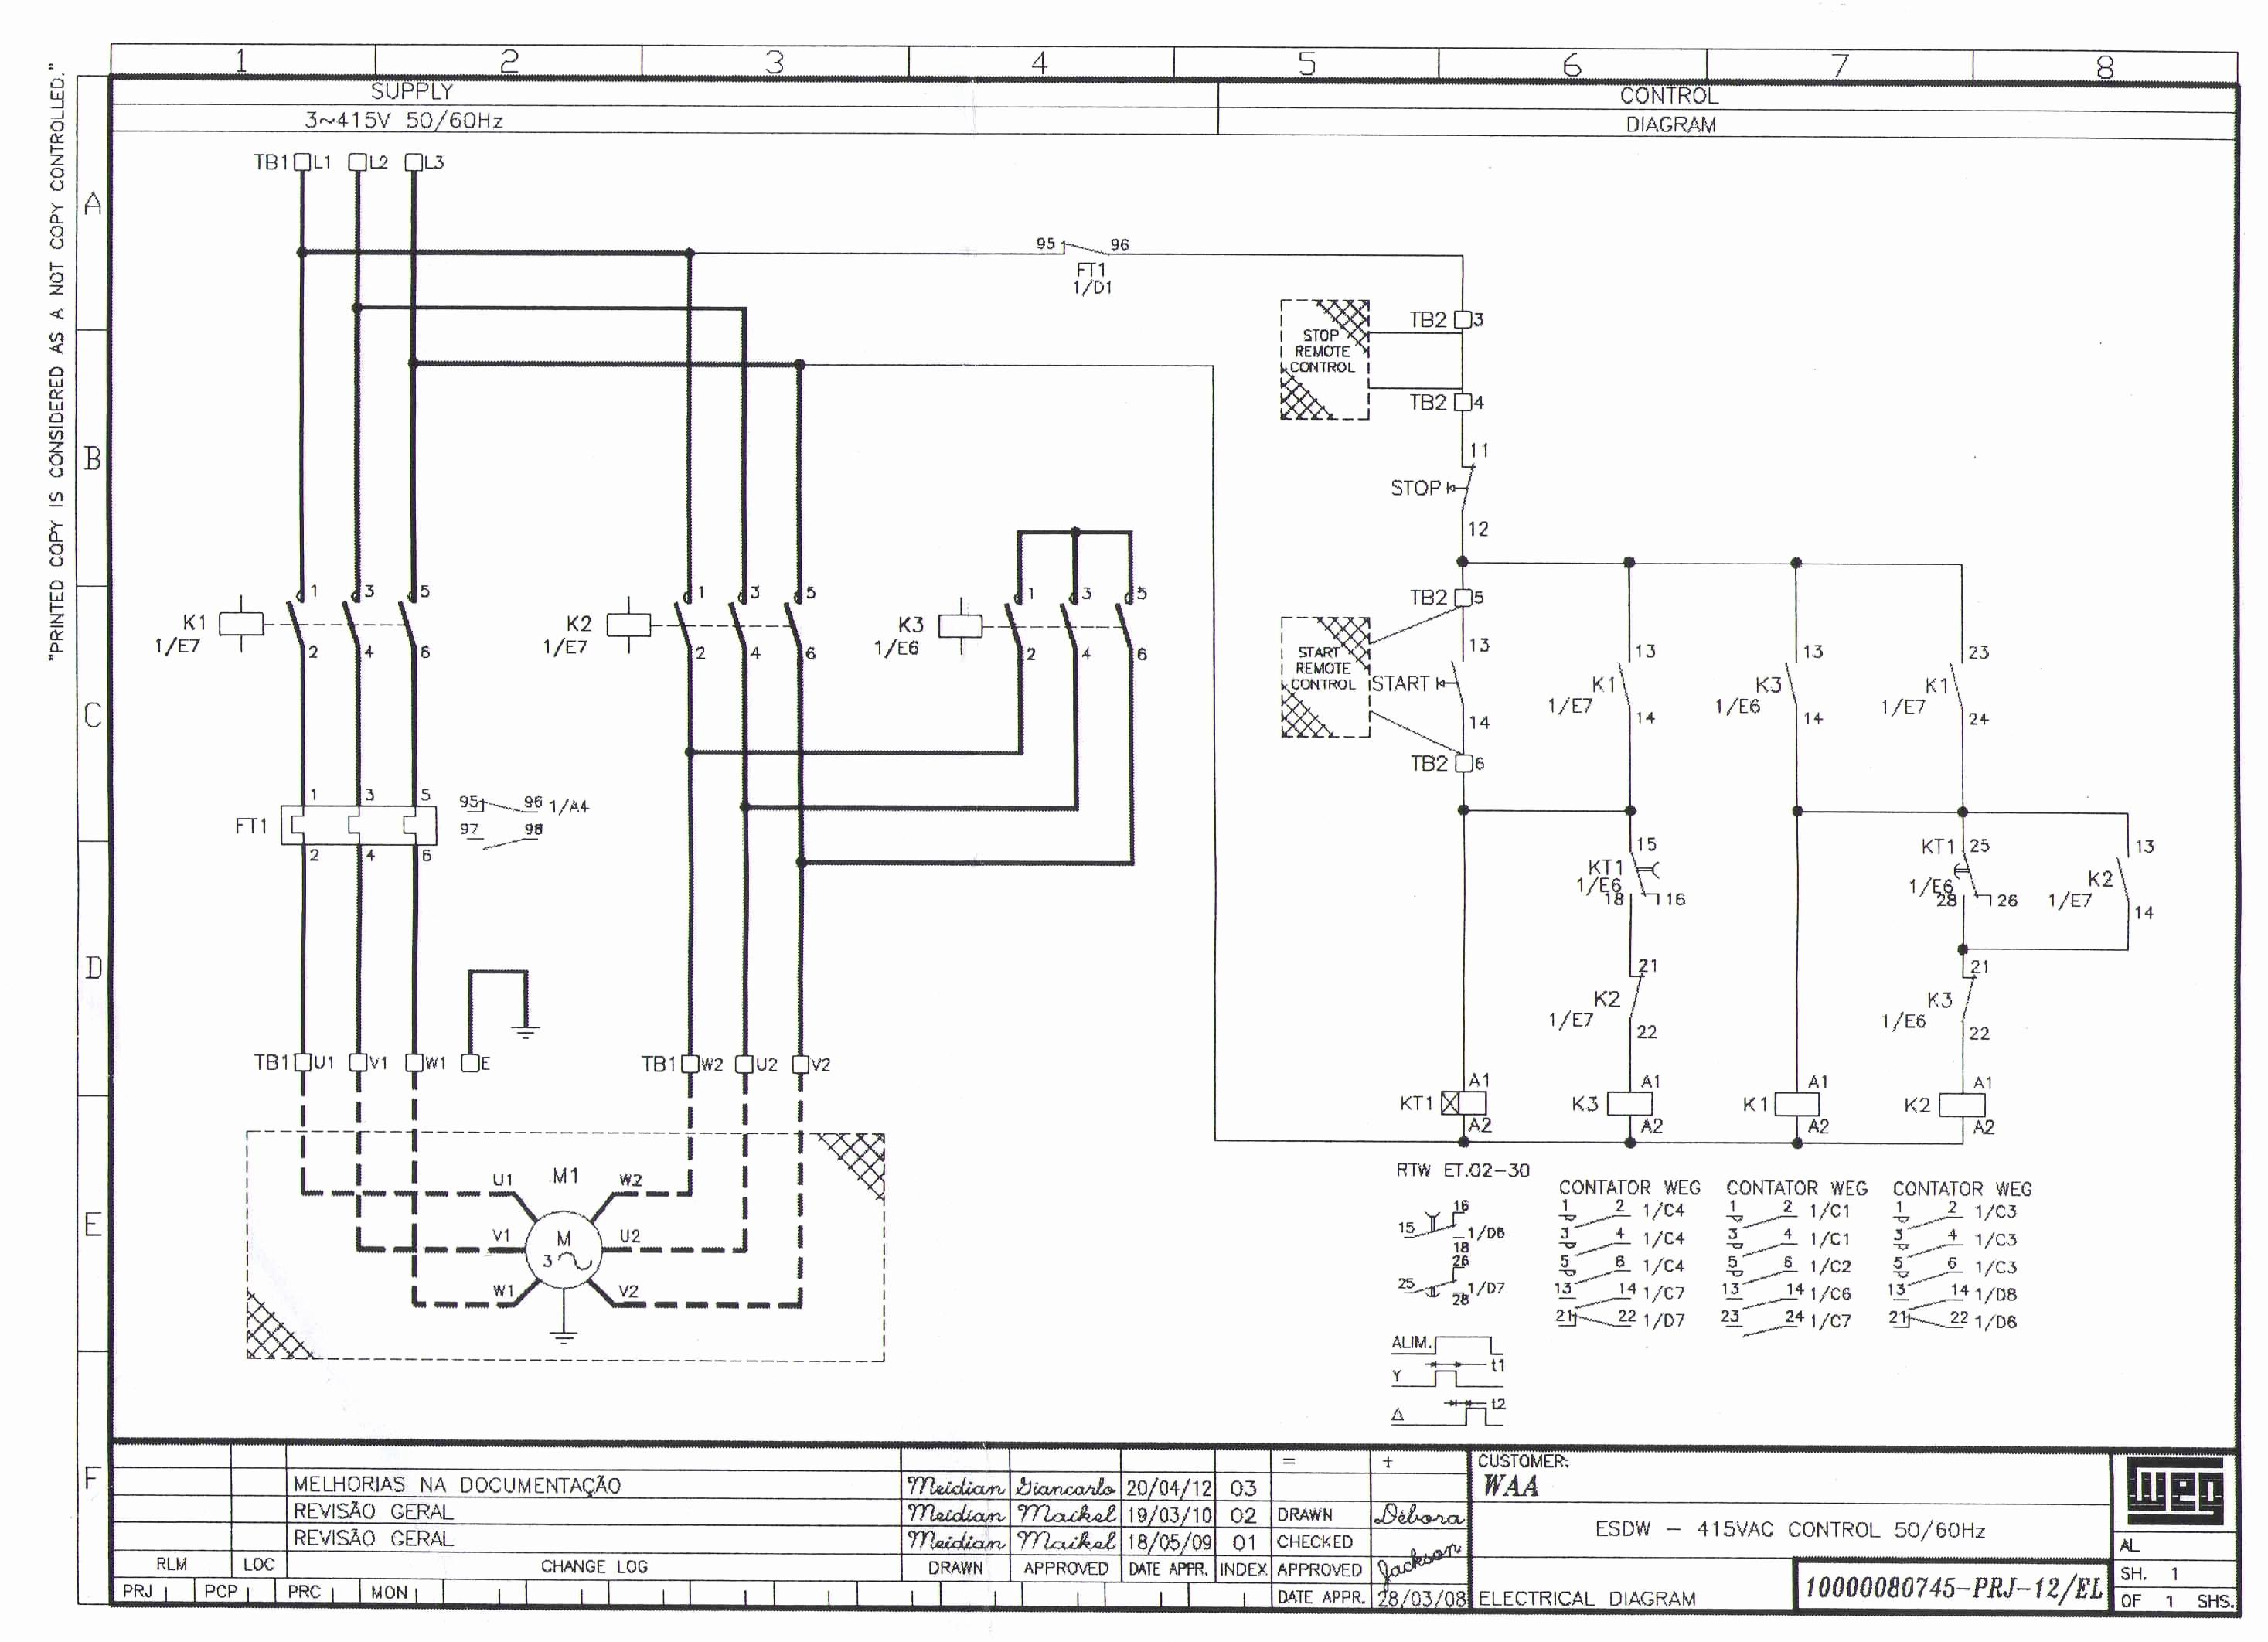 3 Phase Motor To Generator Wiring Diagram   Wiring Library - 3 Phase Motor Wiring Diagram